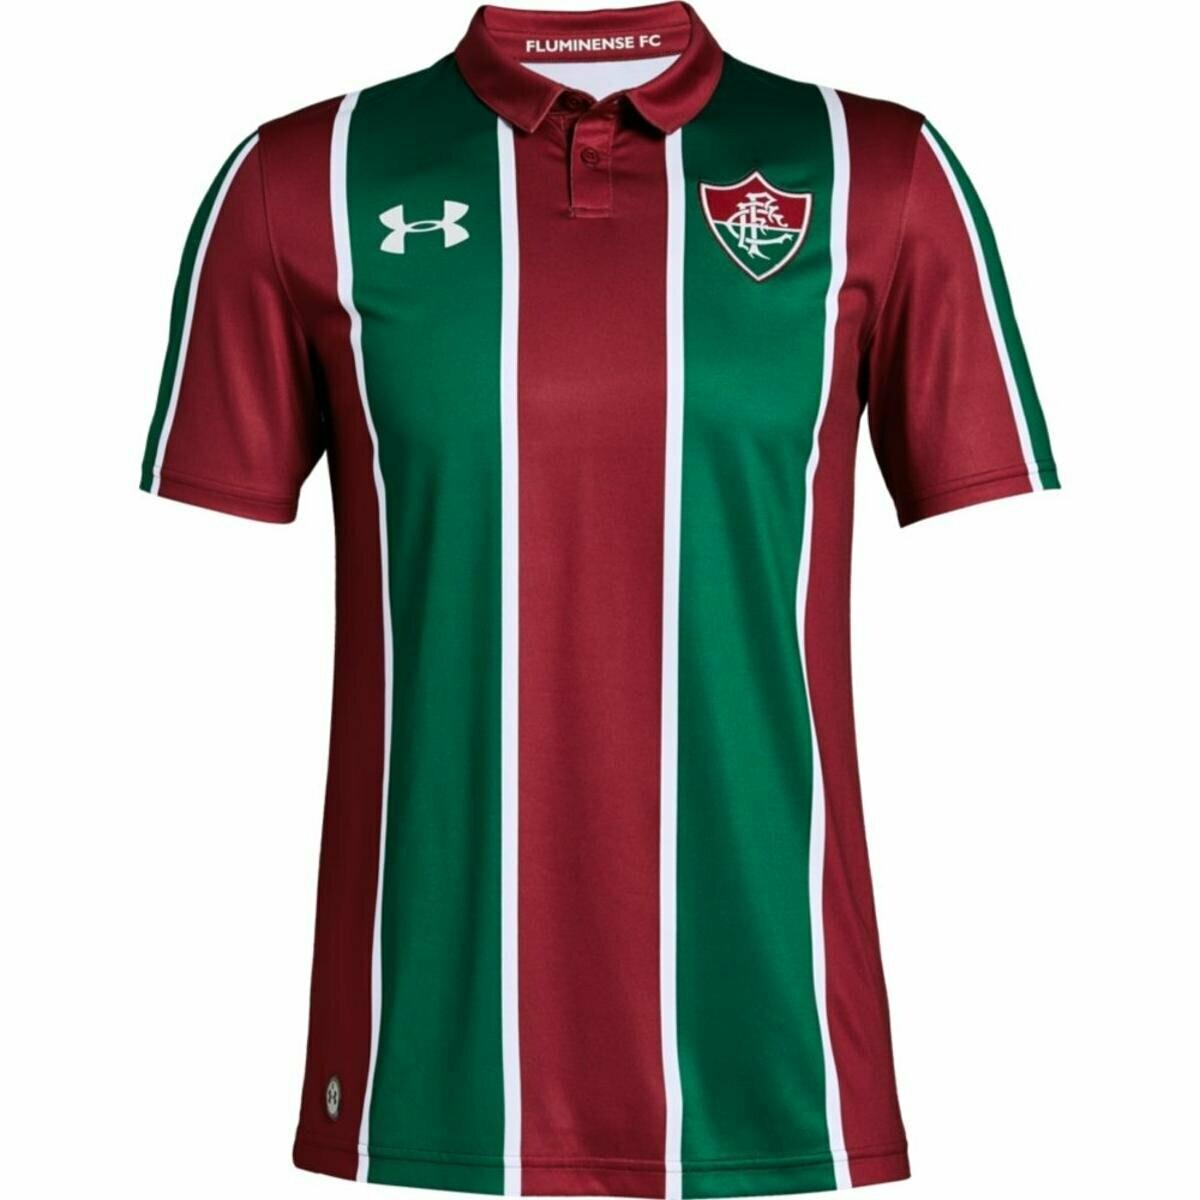 Camisa Under Armour Fluminense I 2019 Masculina - Bordô